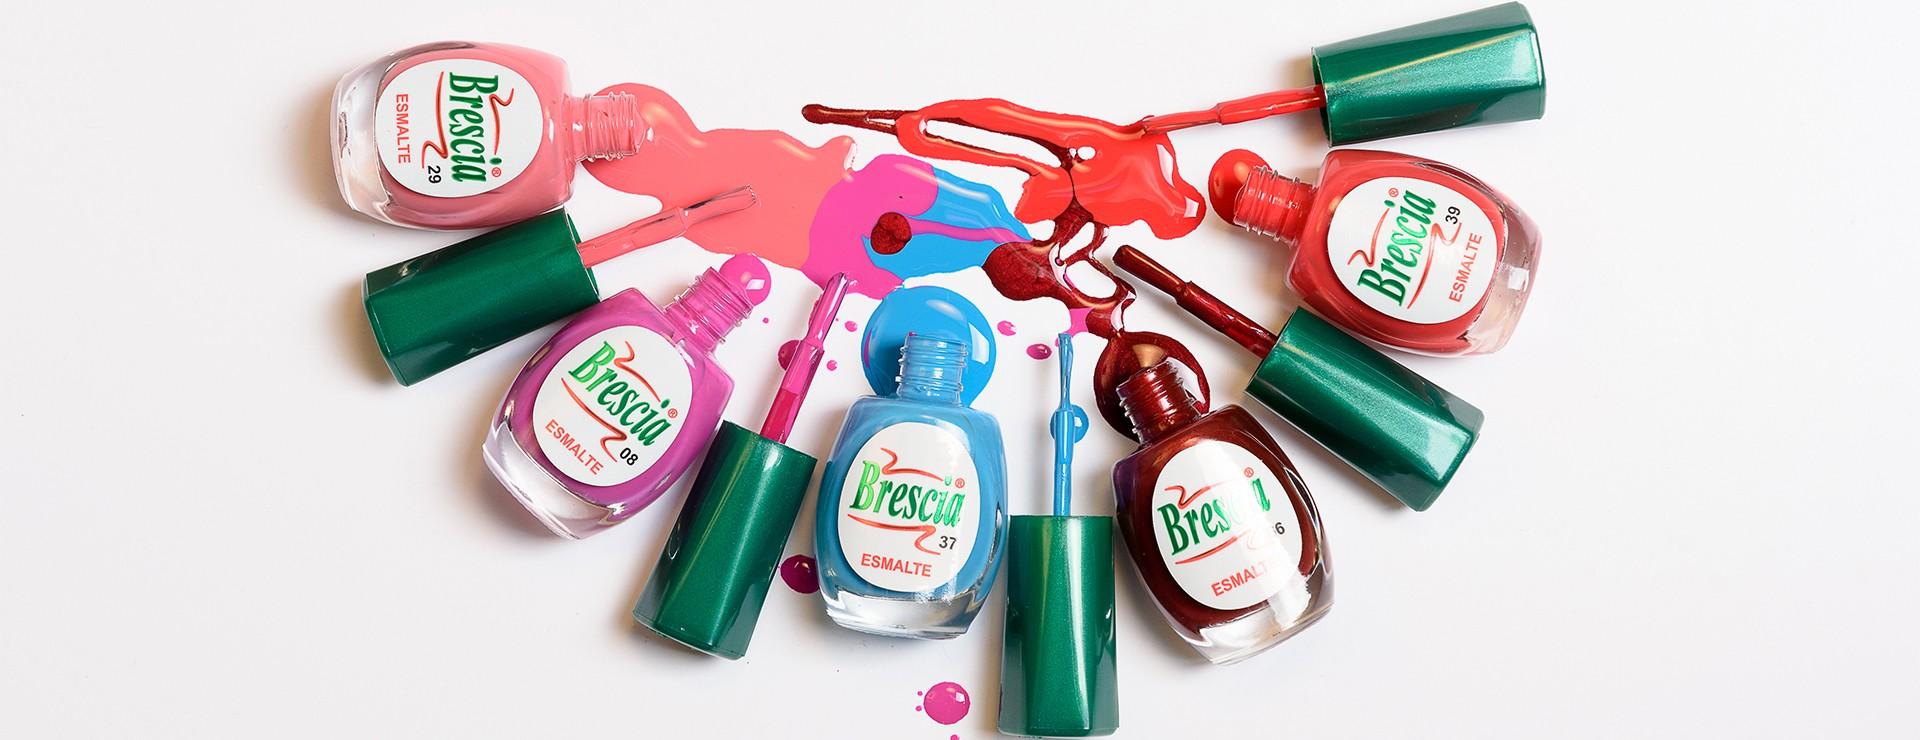 Esmaltes de uñas de larga duración - acabado profesional